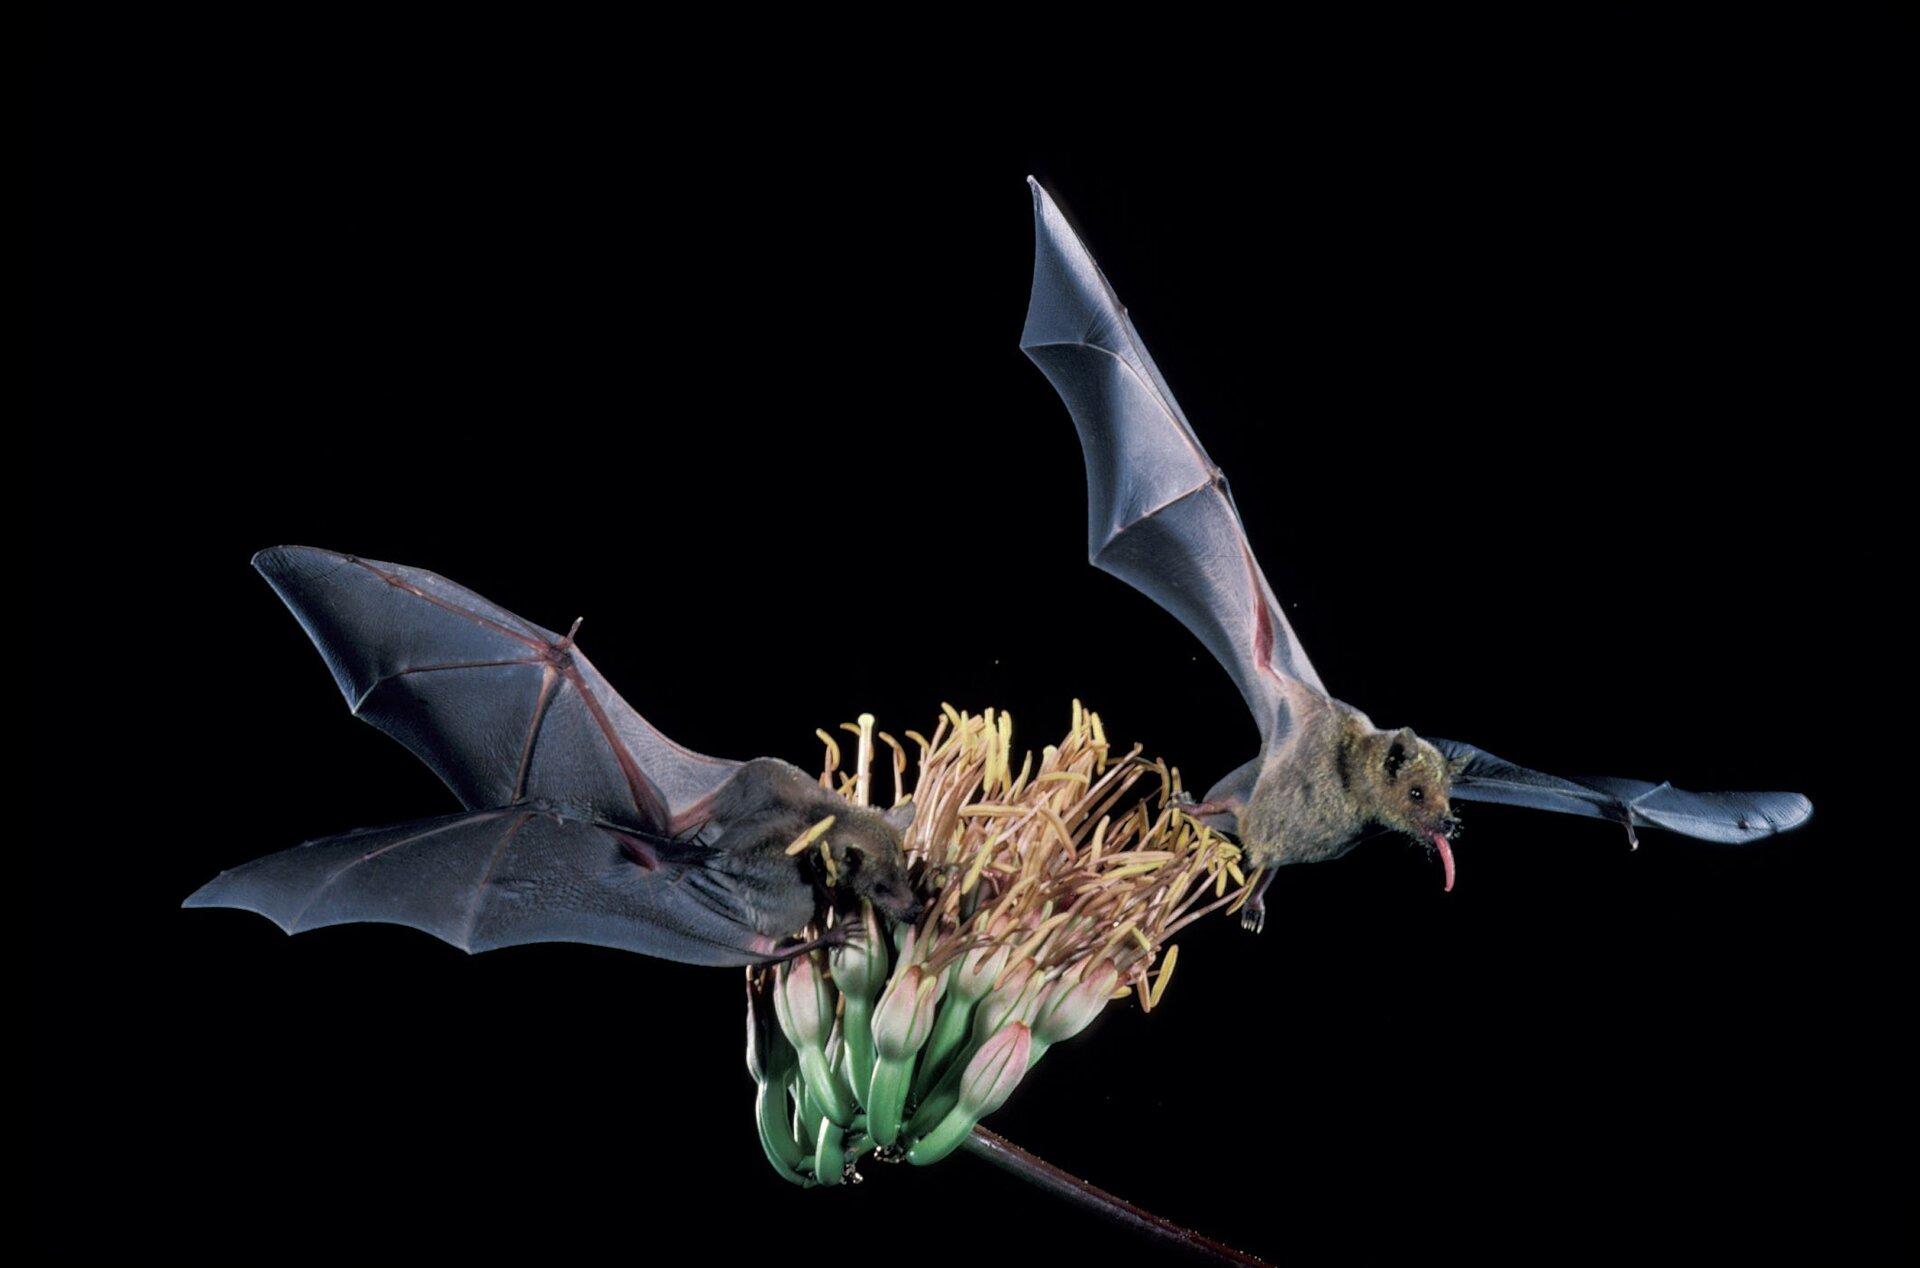 Zdjęcie przedstawia proces zapylania kwiatów przez dwa nietoperze. Wdolnej części zdjęcia zielony kwiatostan. Długie bananowate kwiaty. Dolna część kwiatów zielona. Górna część wformie stożka jasnoróżowa. Zkońca kwiatów wyrastają długie pylniki. Długość około dwadzieścia centymetrów. Po lewej iprawej stronie kwiatu dwa nietoperze. Nietoperze mają rozpostarte błoniaste skrzydła. Nietoperz po prawej stronie ma wysunięty język. Po lewej stronie nietoperz sięga językiem do nektaru kwiatów.